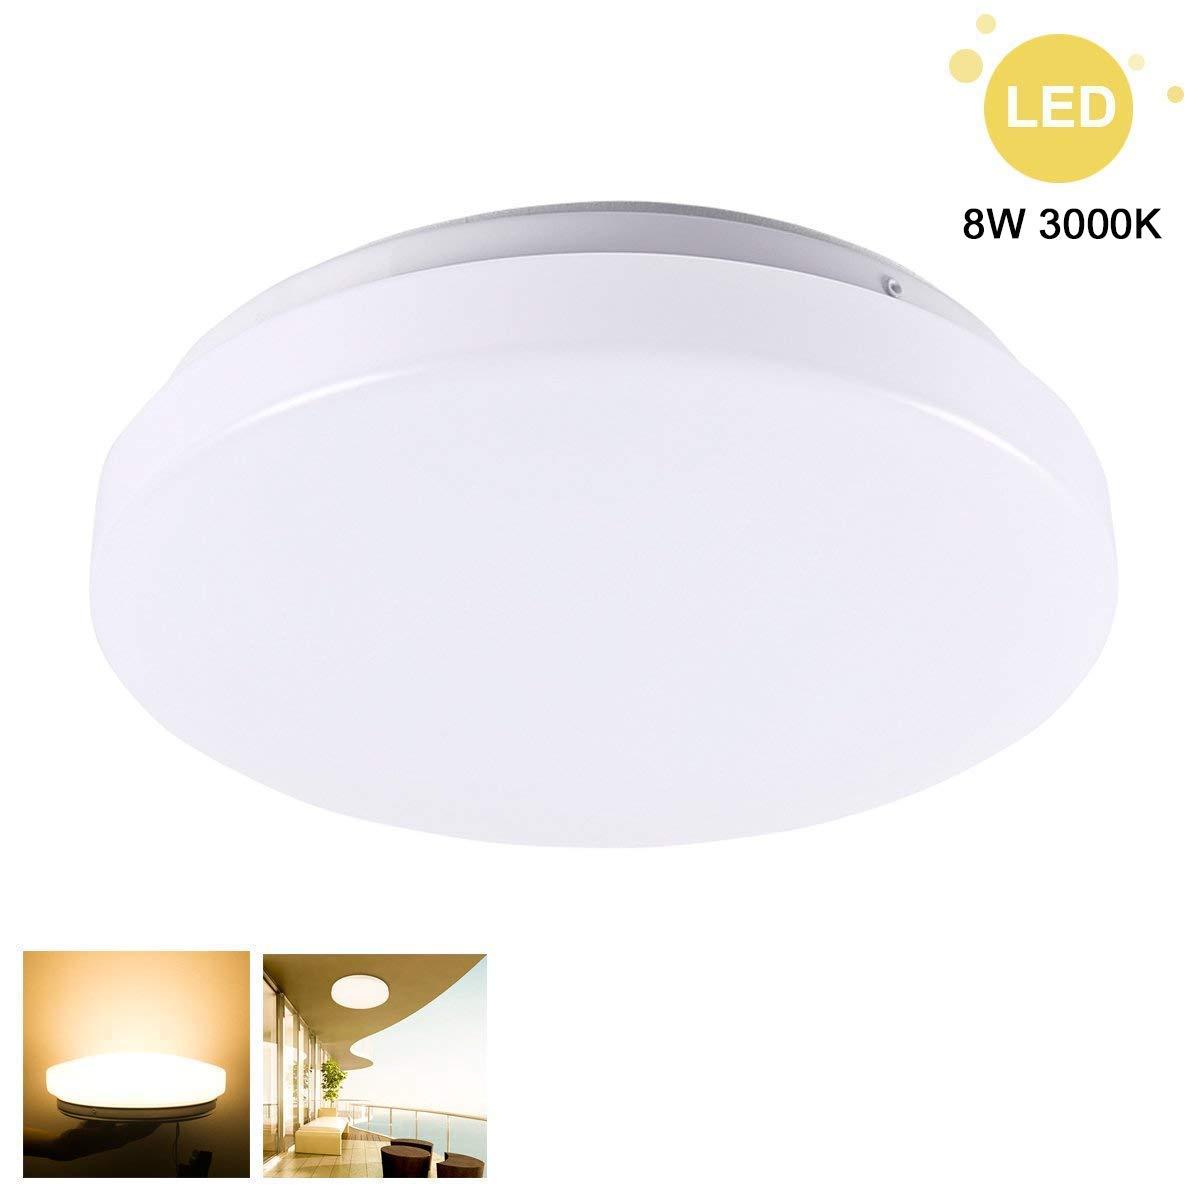 ZHMA 18W Plafonnier LED Blanc Chaud Lampe De Plafond Impermable IP44 Luminaire Intrieur